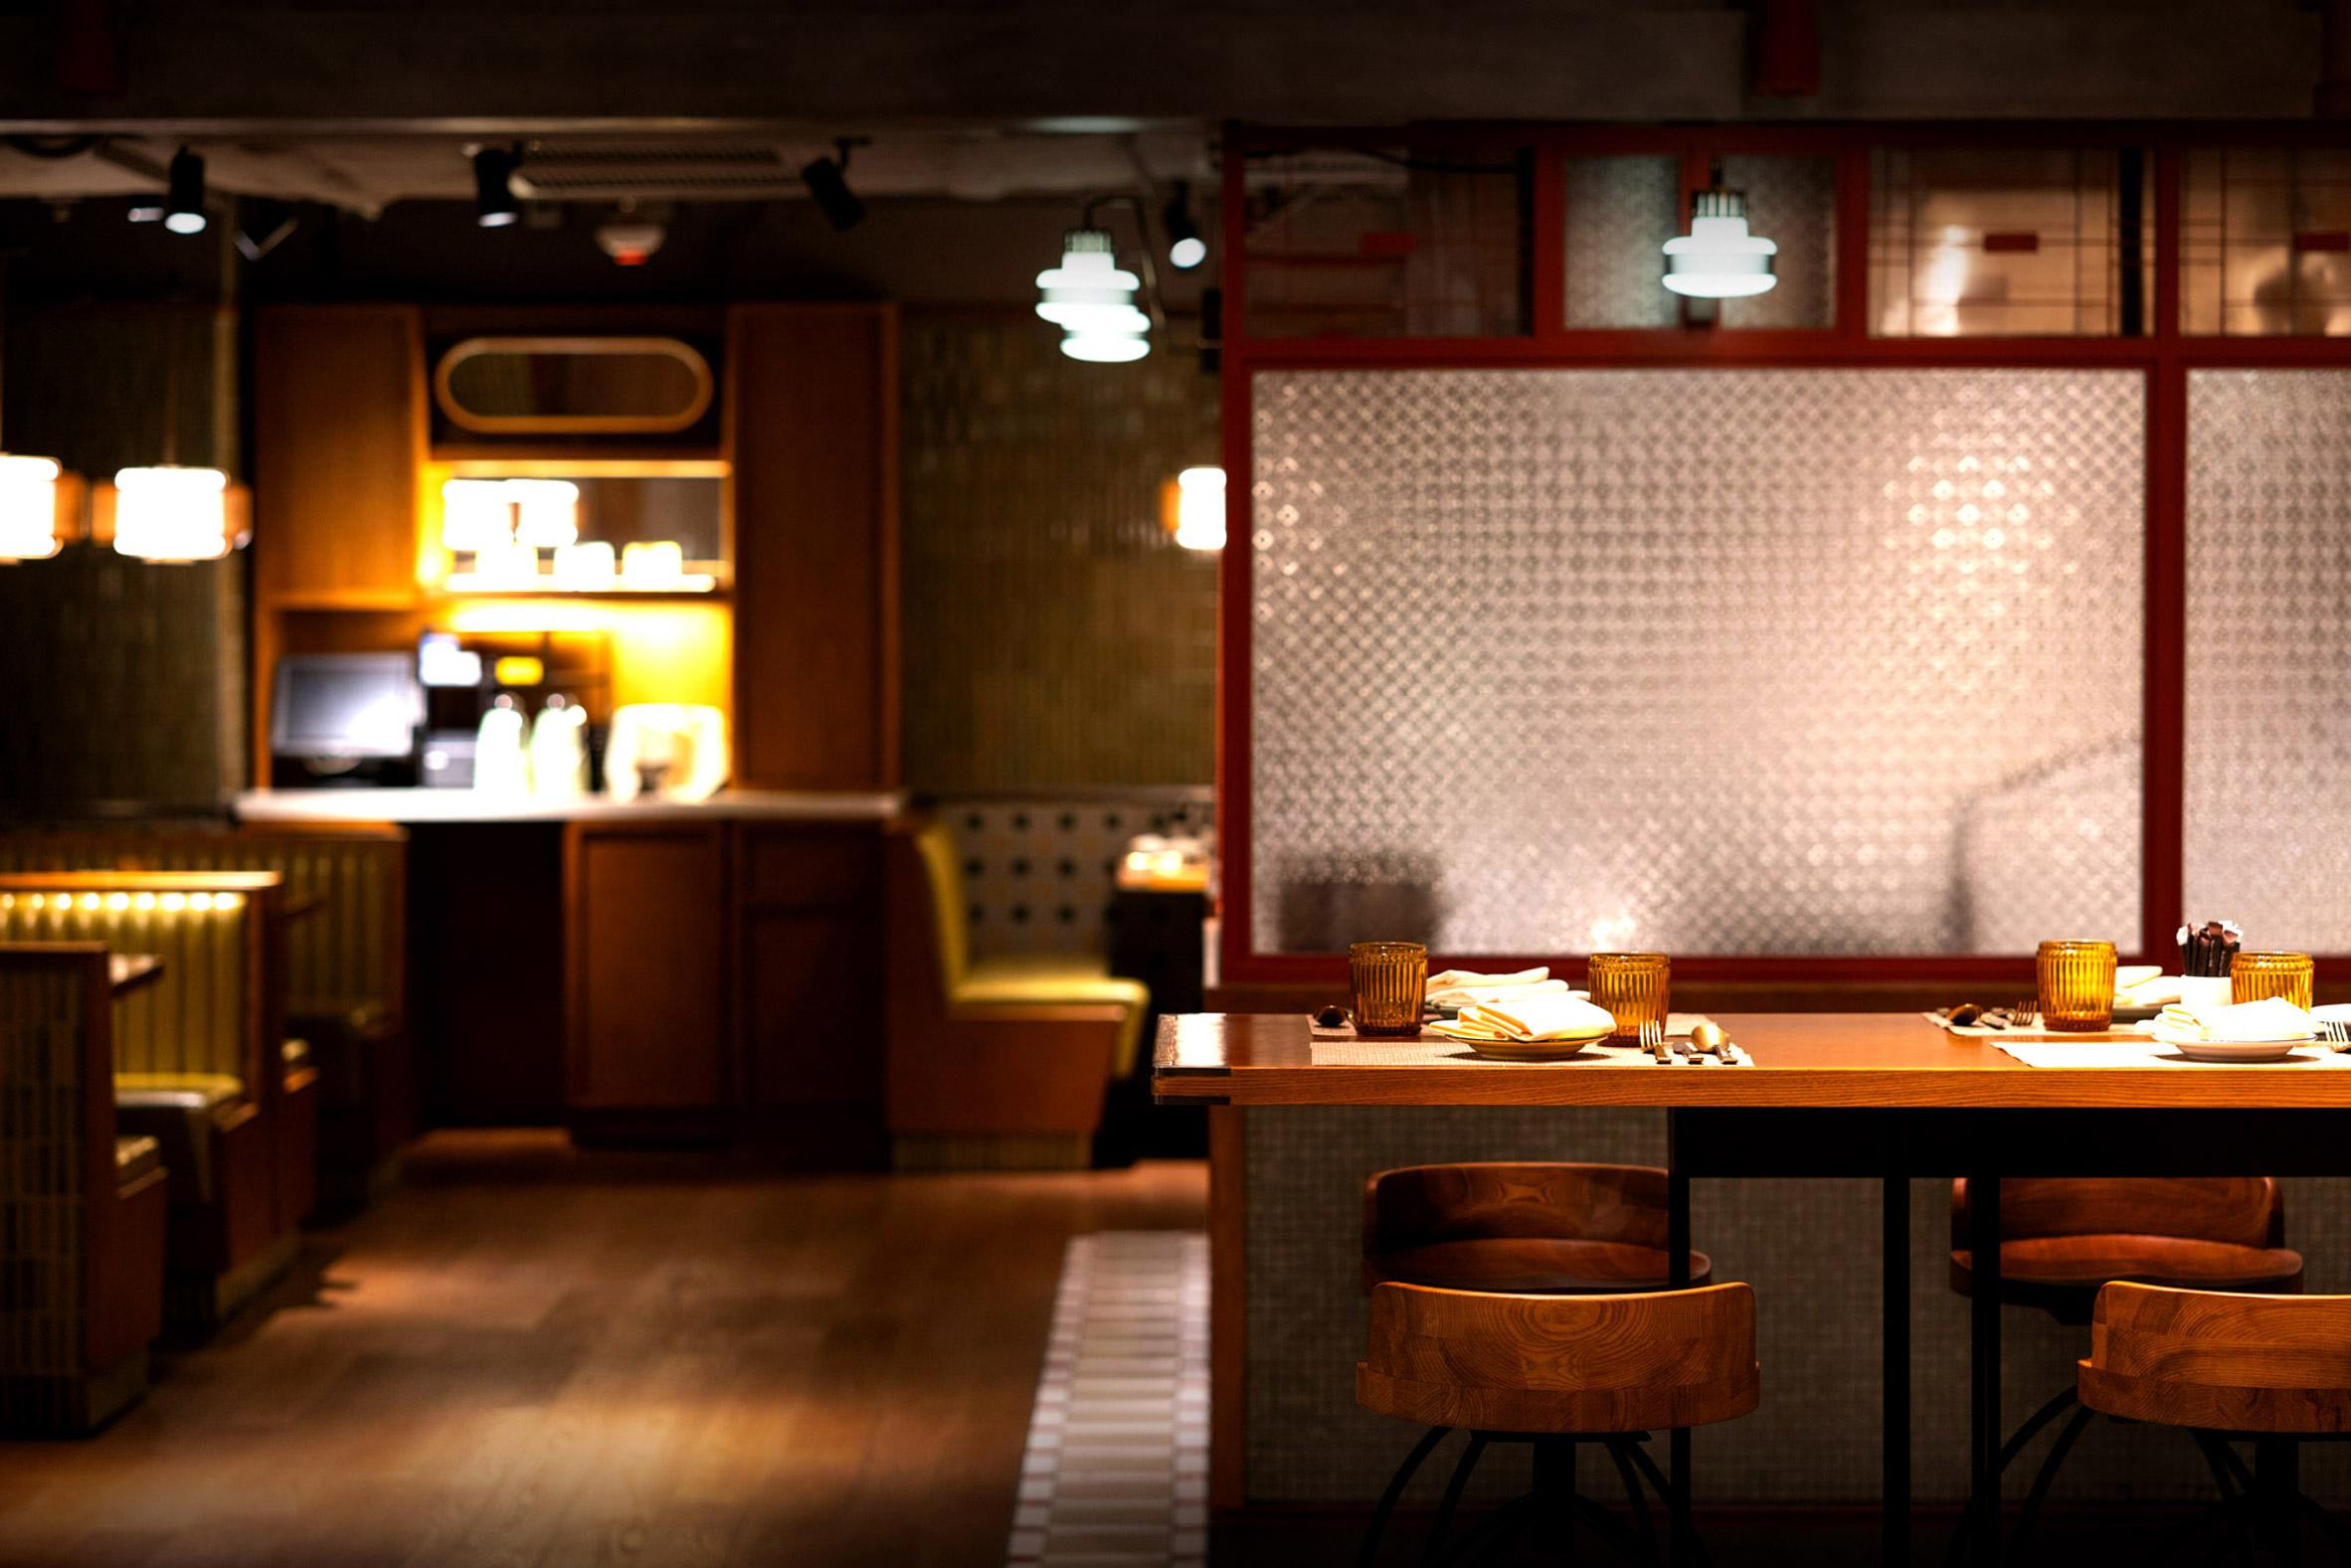 Nội thất nhà hàngăn uống 13